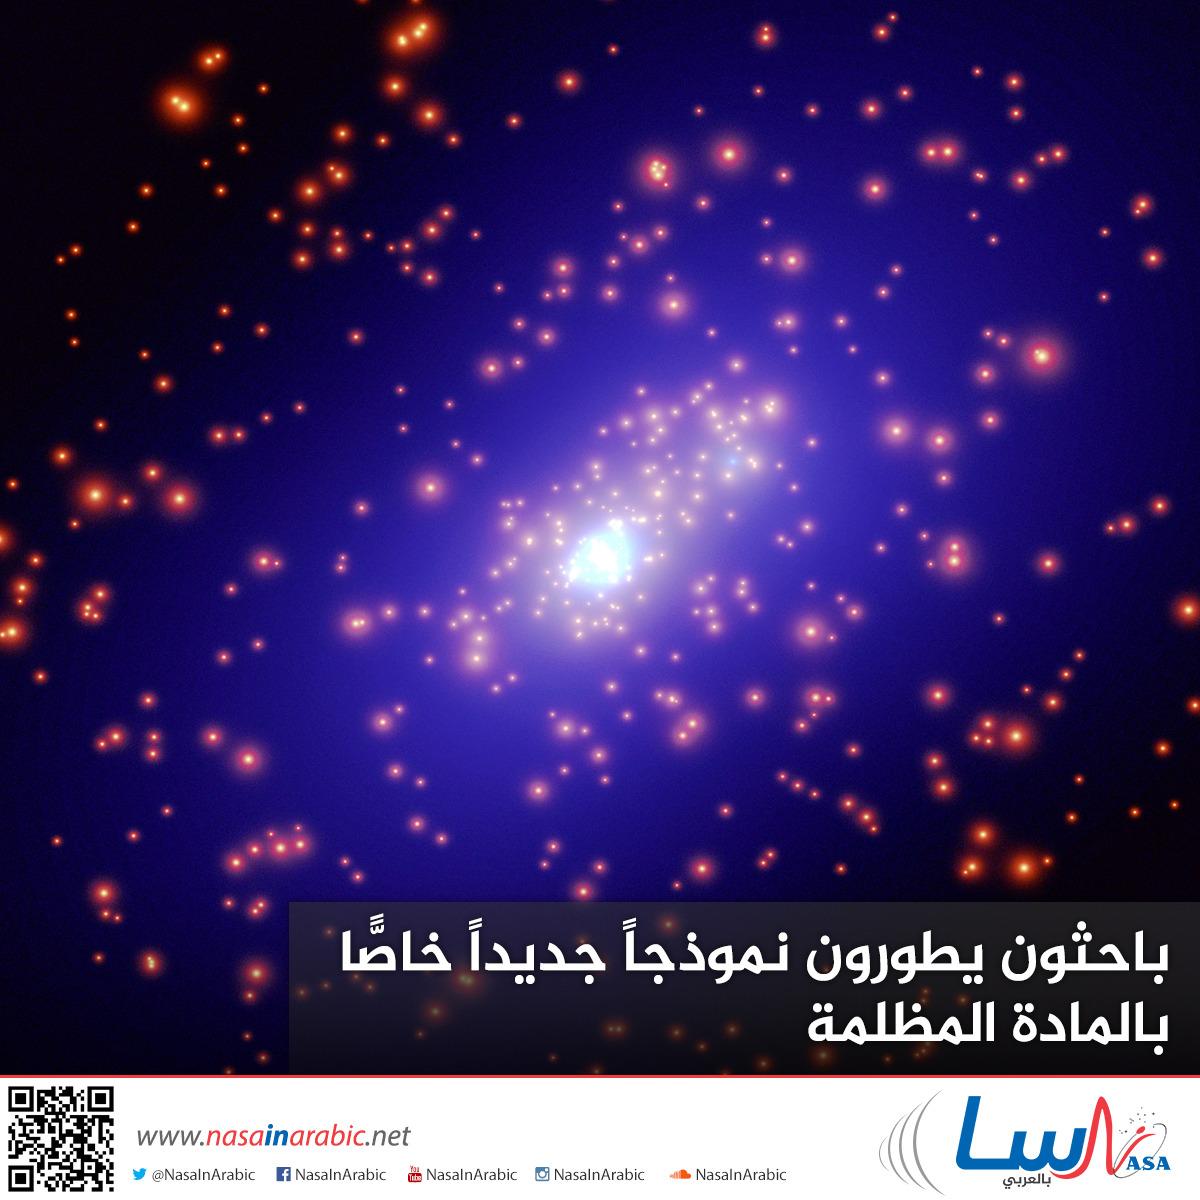 باحثون يطورون نموذجاً جديداً خاصًّا بالمادة المظلمة